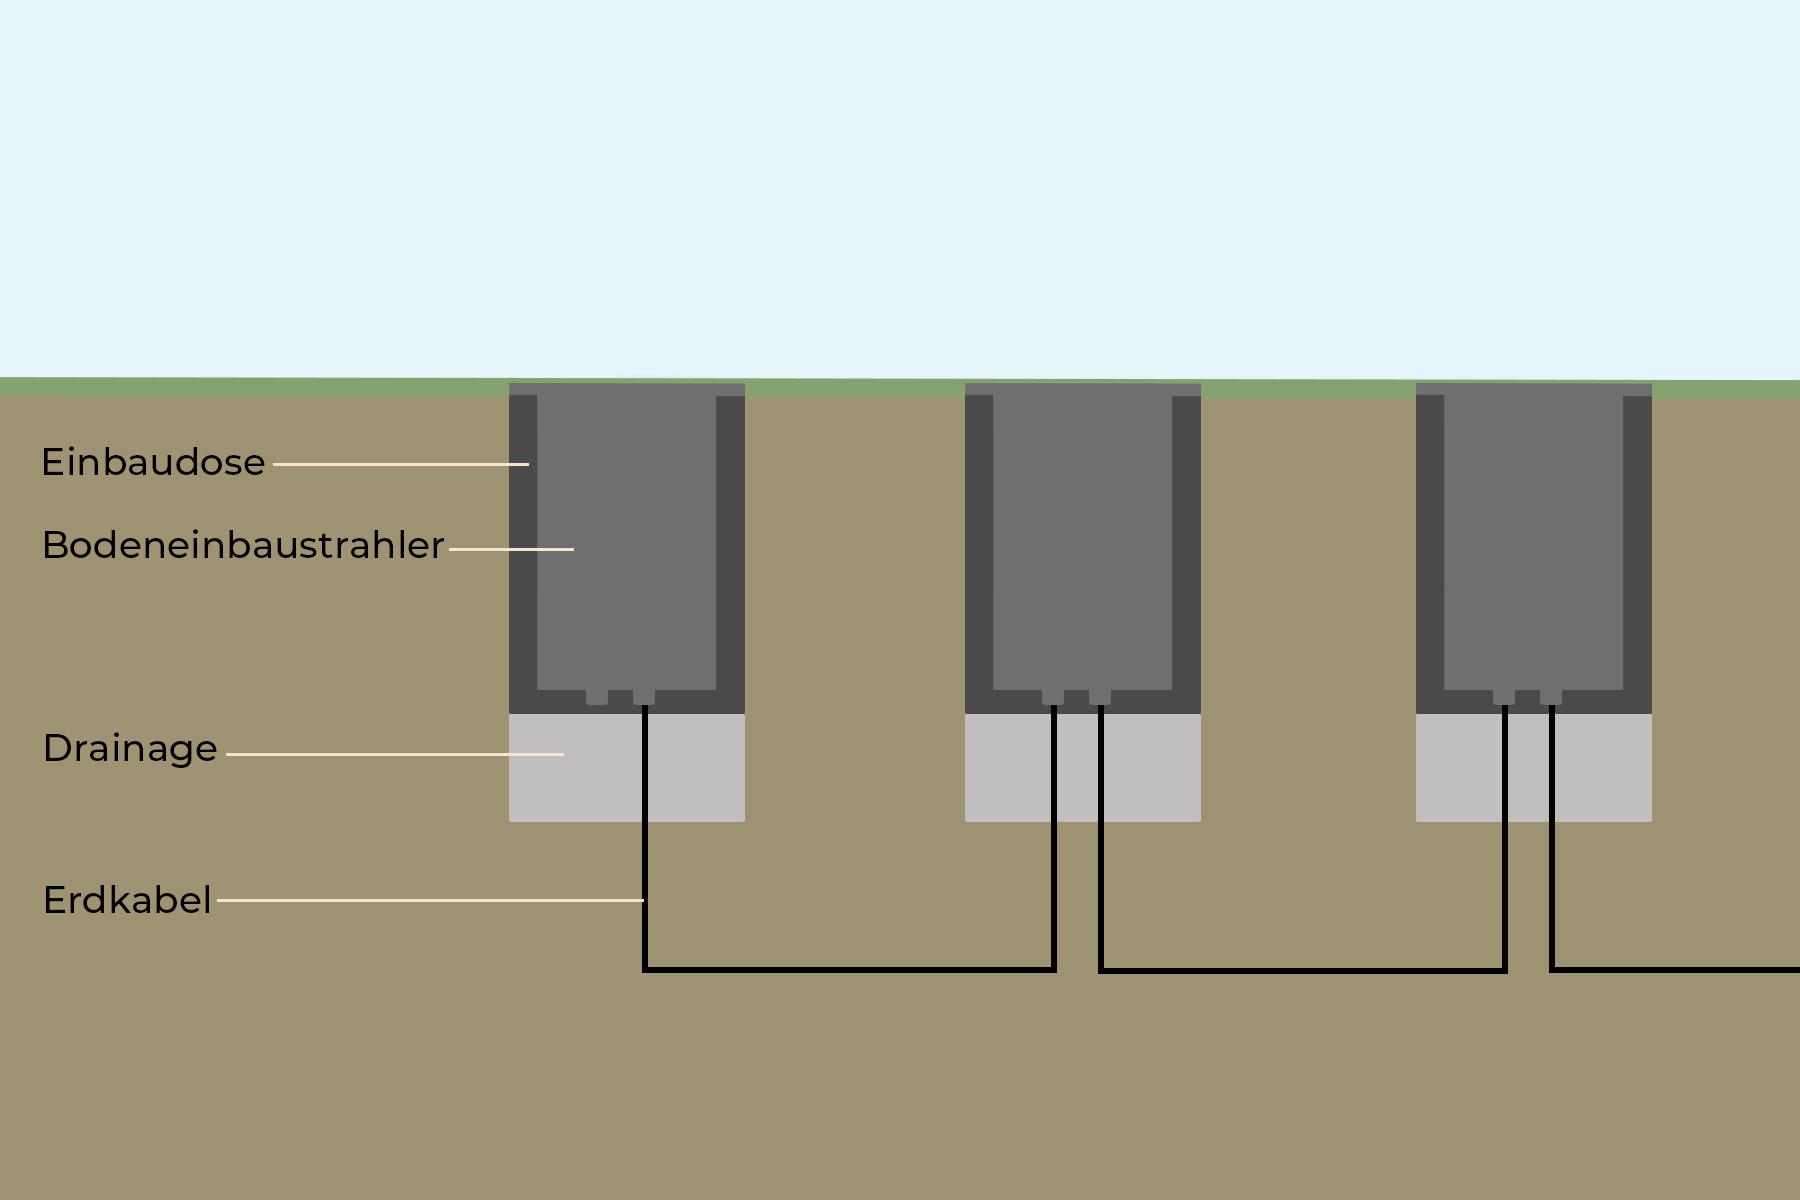 Mehrere Bodeneinbaustrahler werden miteinander ohne Verteilerdose verbunden